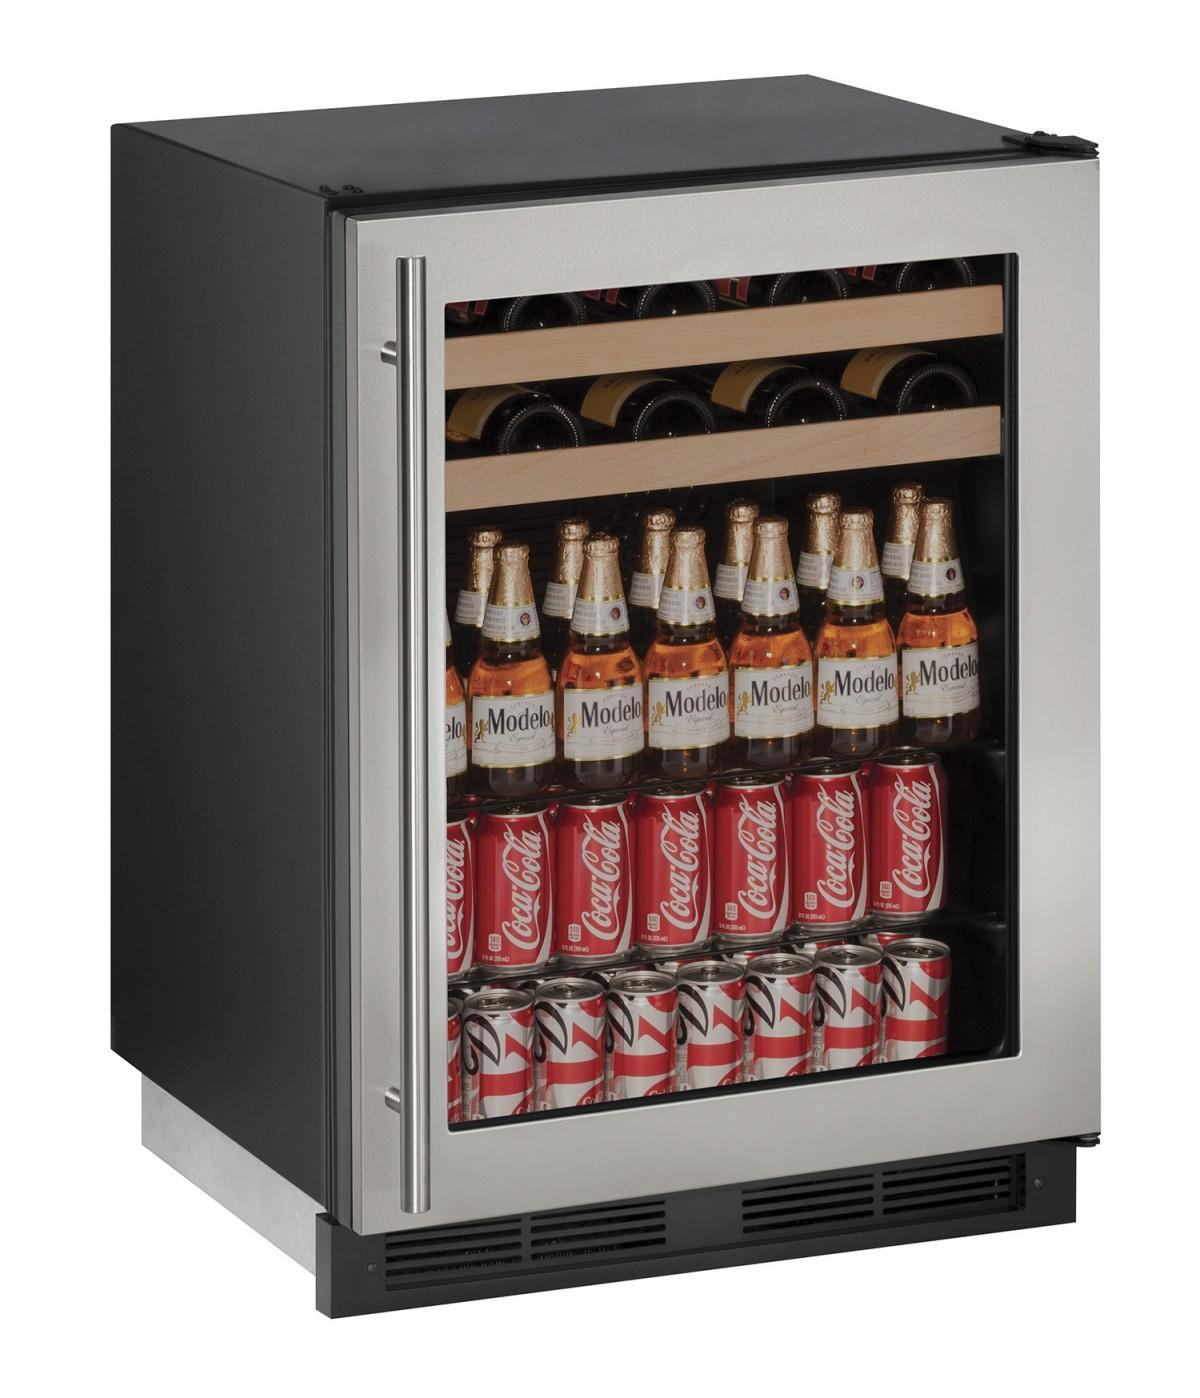 """U-Line Beverage Centers 5.4 cu ft. 1000 Series 24"""" Beverage Center - Item Number: U-1224BEVS-13A"""